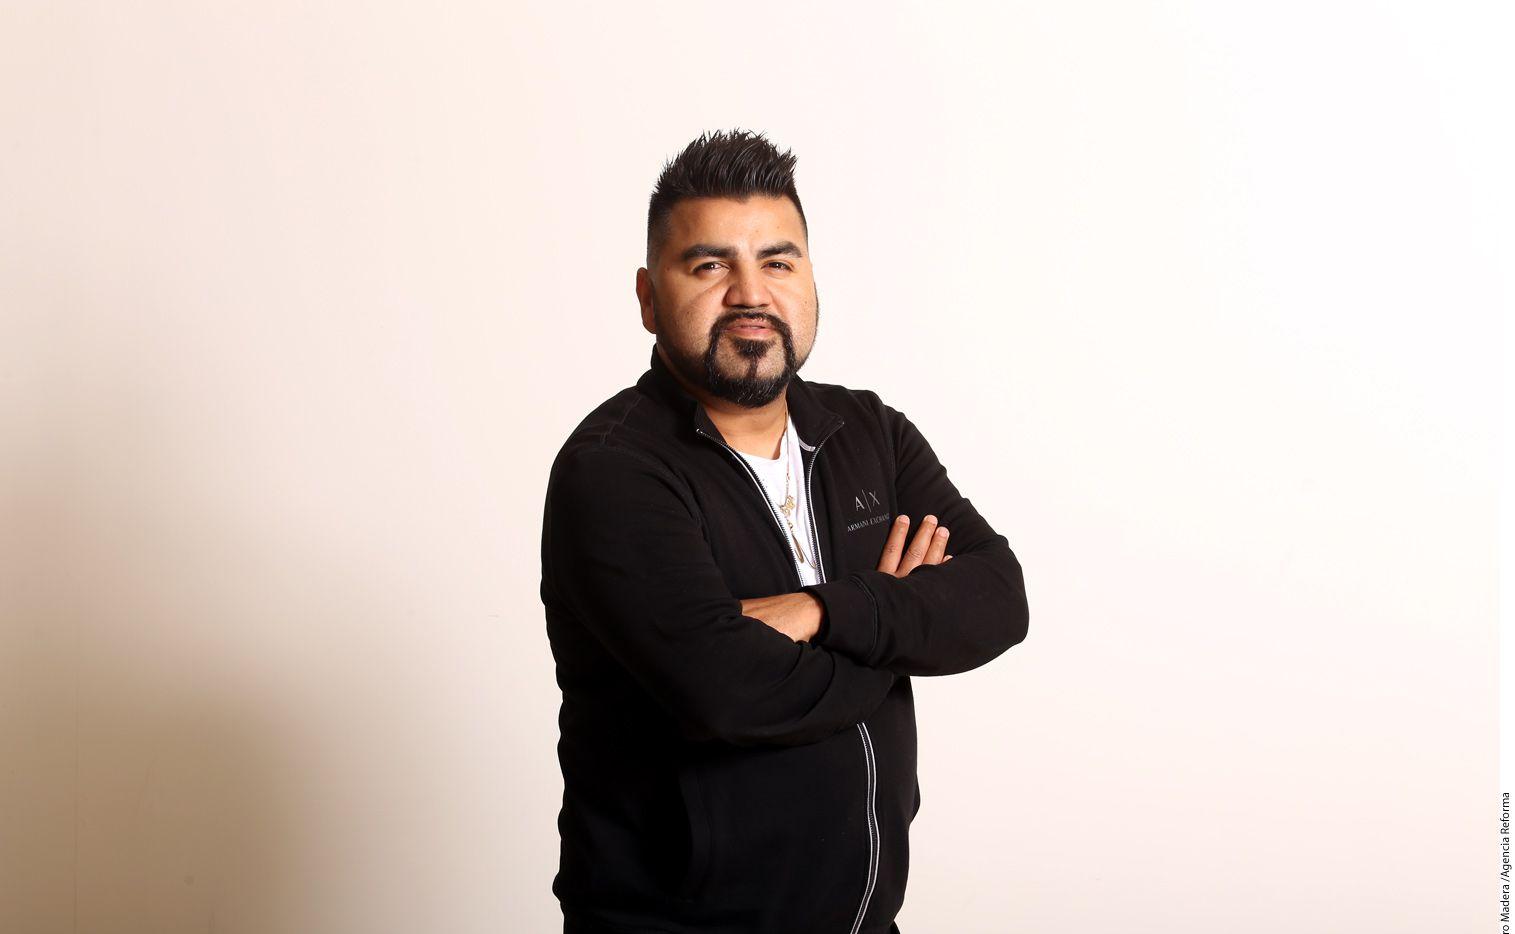 """Luis Antonio López """"Mimoso"""" se encuentra aún promoviendo el álbum Borrón y Cuenta Nueva, de donde se desprenden canciones como """"Tipo Clásico""""./AGENCIA REFORMA"""